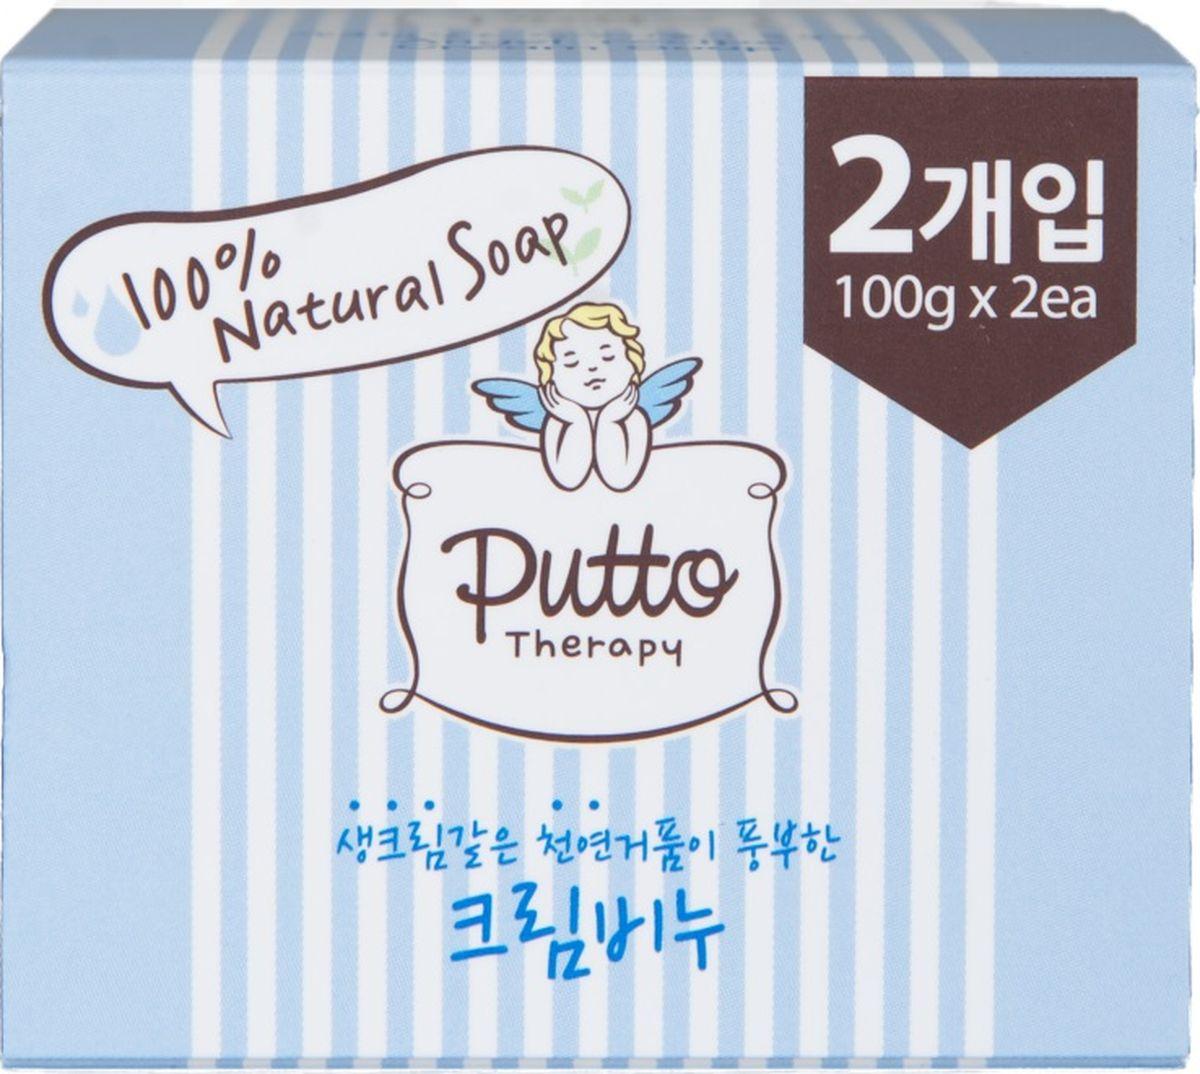 Putto Therapy Крем-мыло детское увлажняющее с натуральным экстрактом кокоса 100 г 2 шт77H088042Детское Крем-мыло Putto Therapy состоит из 100% травяного экстракта вместо воды, что позволяет обеспечить коже нежный уход и длительное увлажнение, бережно очищает кожу ребенка с рождения. Травяной экстракт листа эриоботрии японской, девясила британского, горноколосника японского, японского бамбука питает, увлажняет сухую кожу ребенка и избавляет от зуда за счет увеличения липидного слоя. Не содержит, красители, консерванты. Все компоненты мыла протестированы и сводят к минимуму возникновение аллергических реакций.